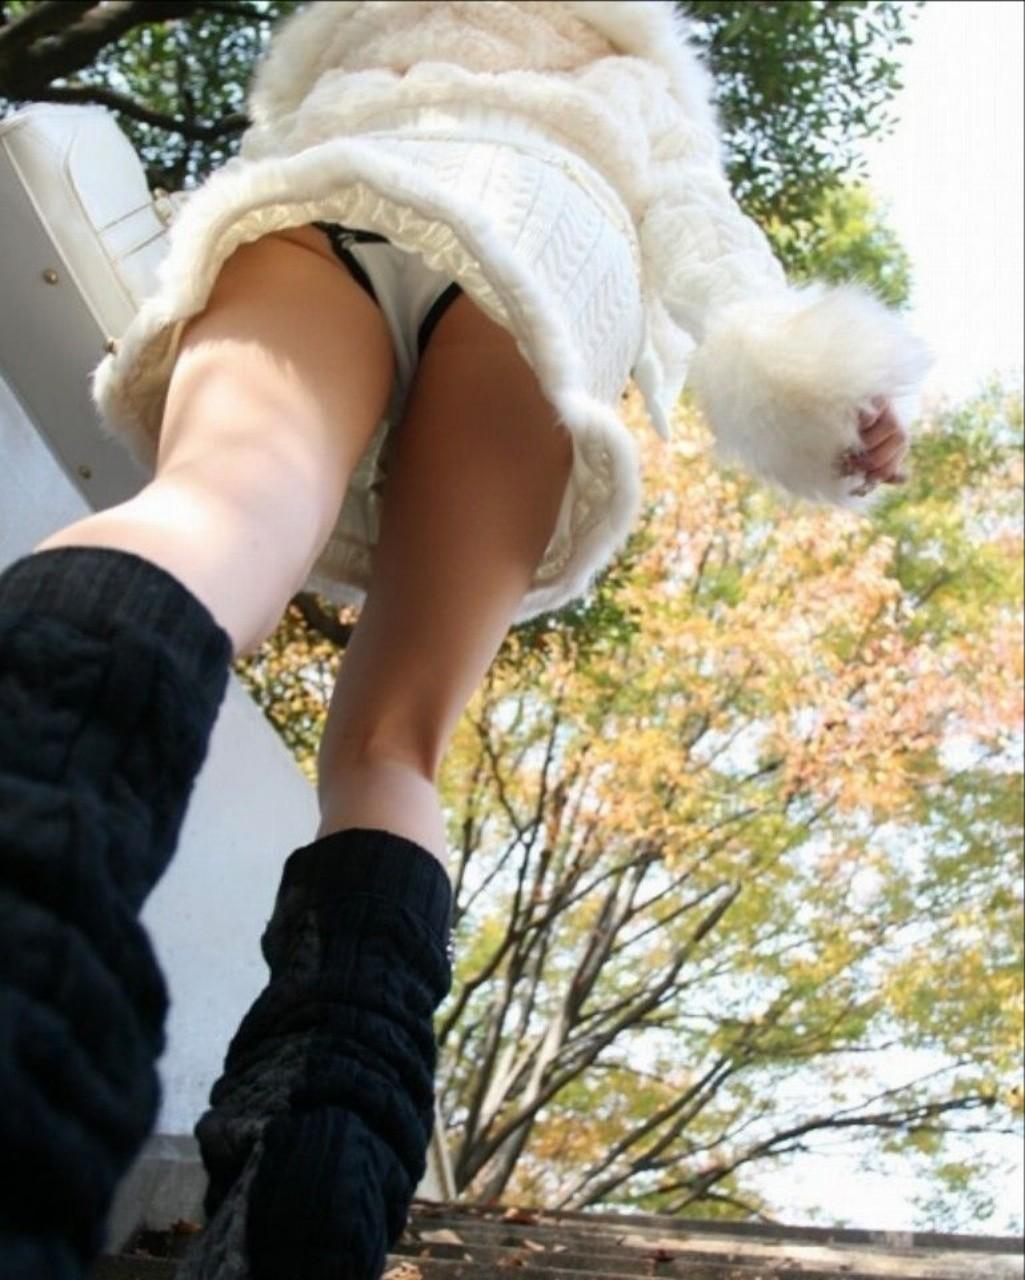 【パンチラエロ画像】逆光にめげずスカート内部を狙い撃つローアングルパンチラ!